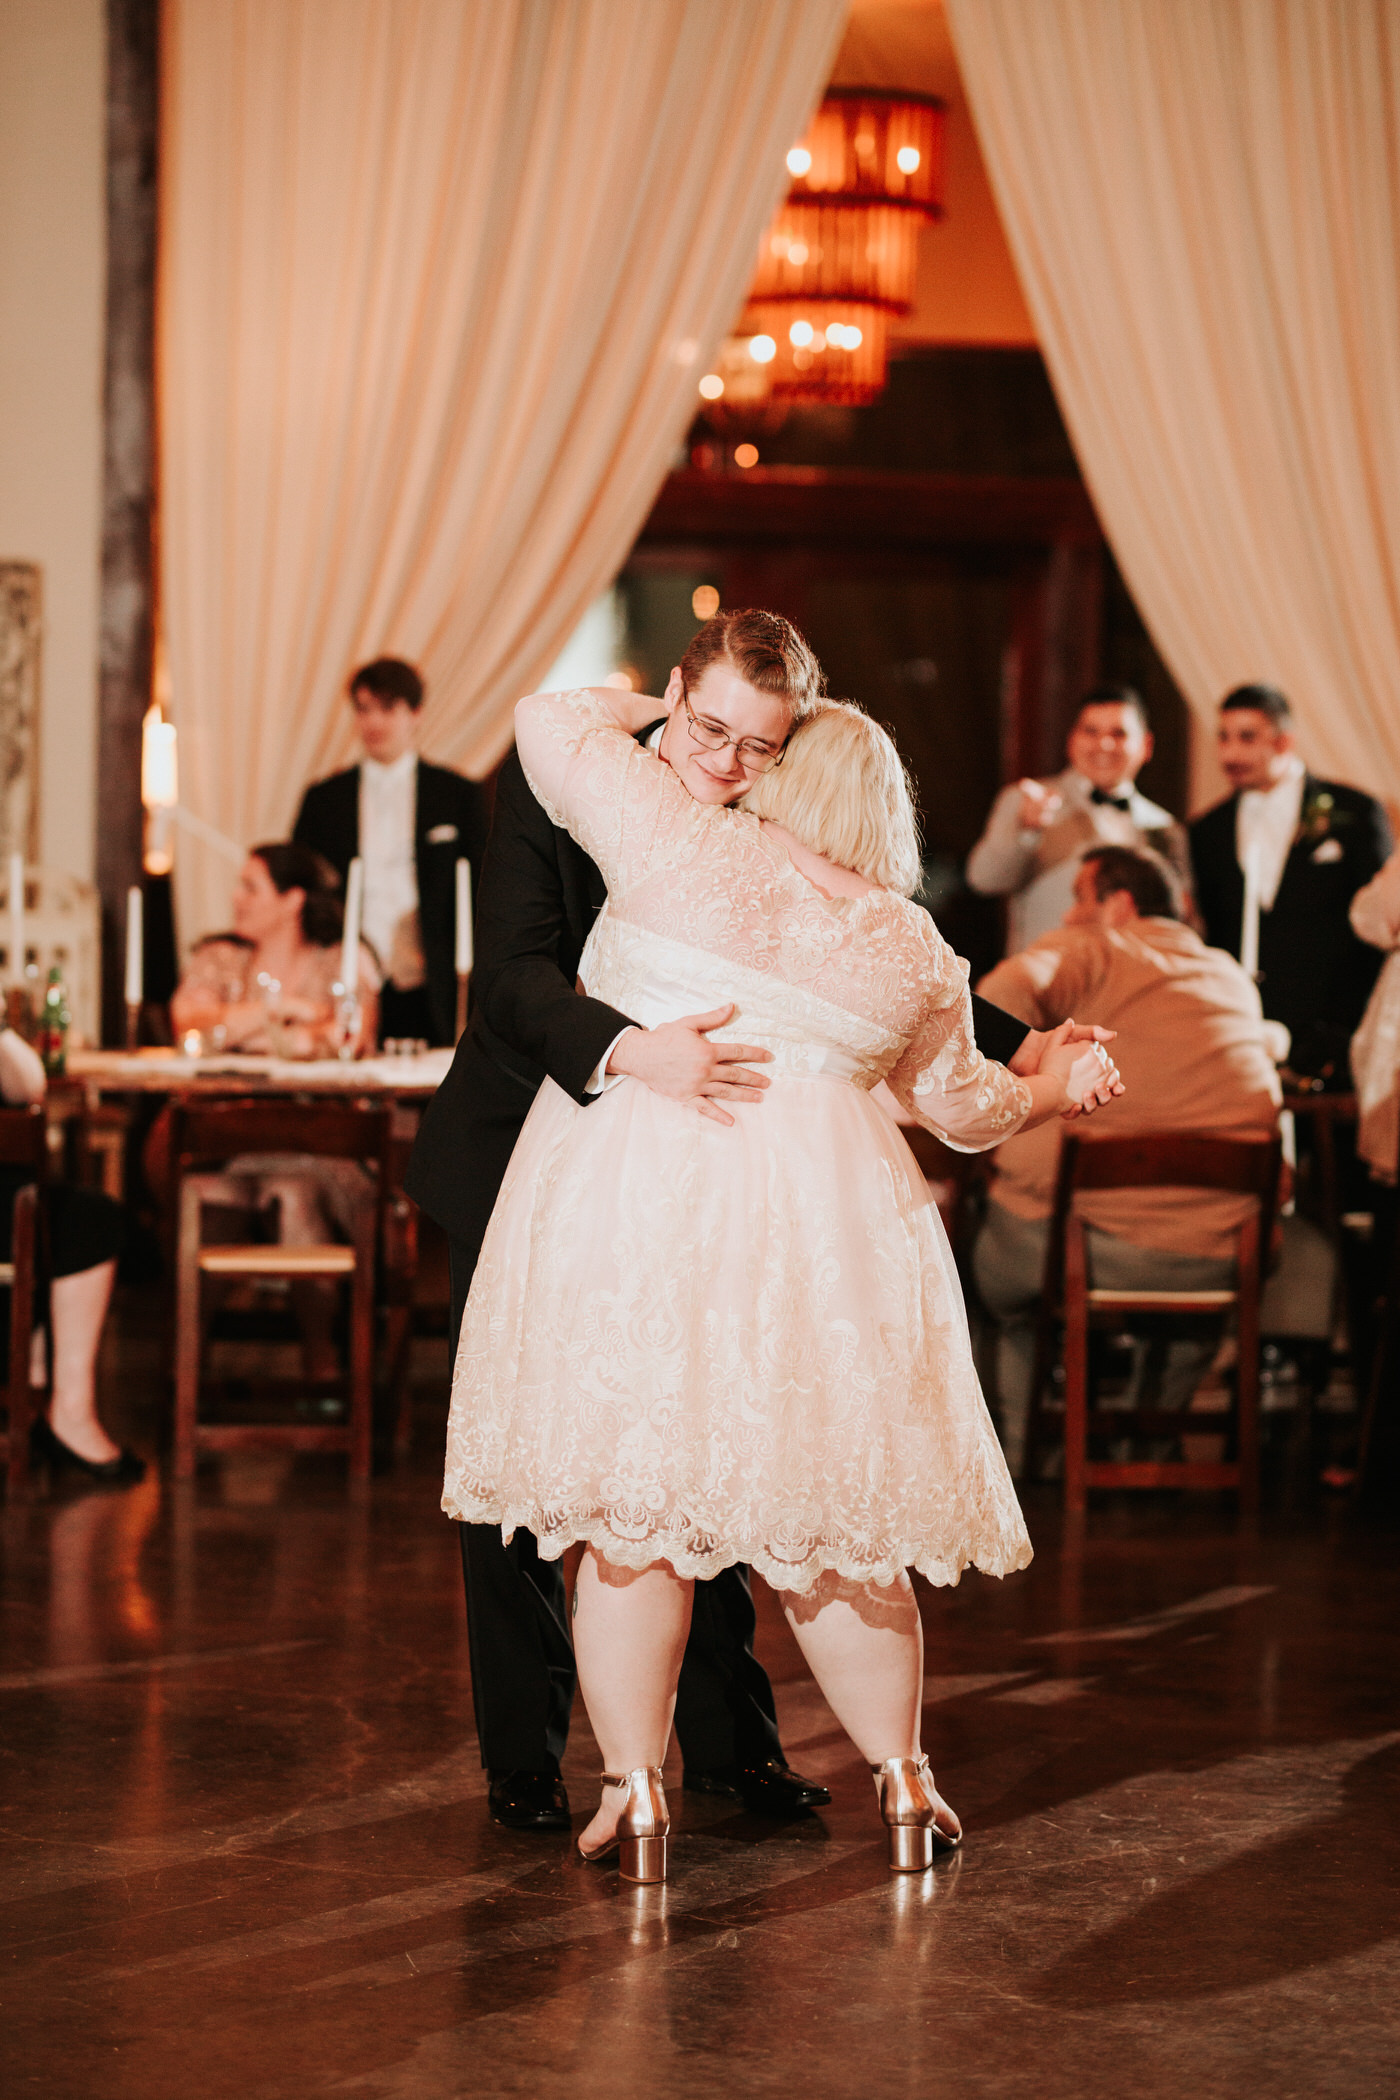 Bride dancing at Texas wedding reception